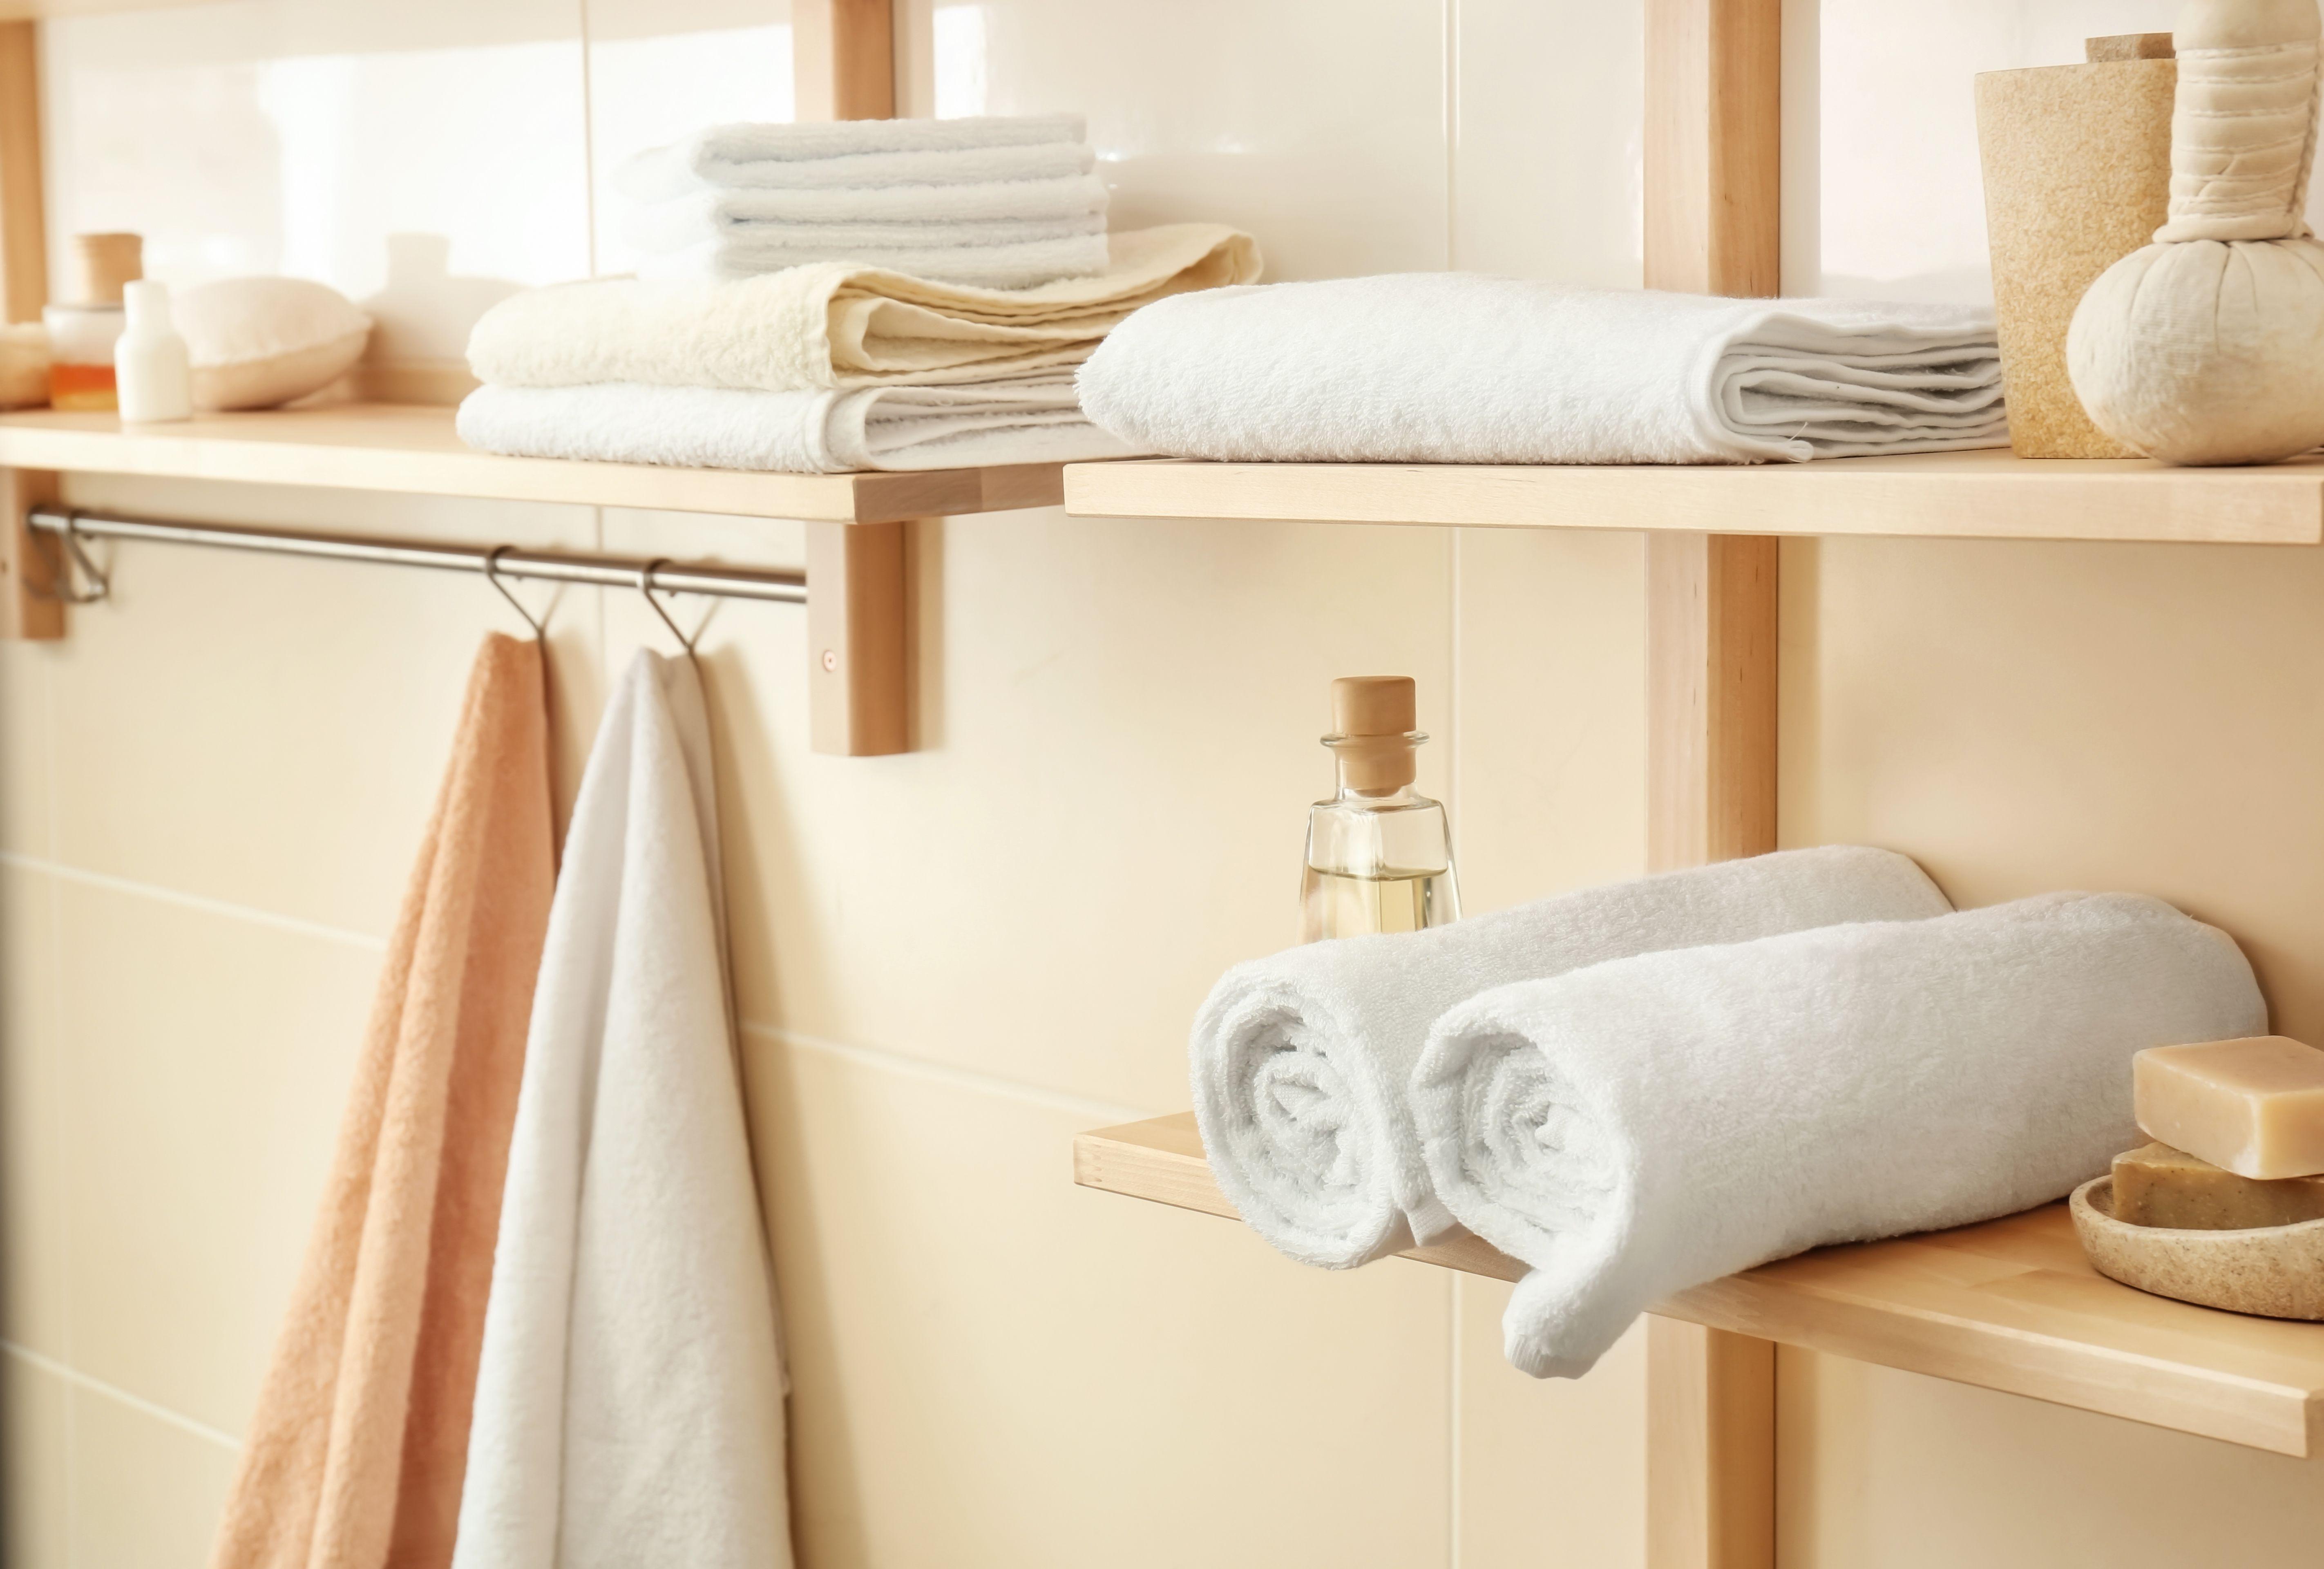 Tablette et étagère de salle de bains : comment choisir